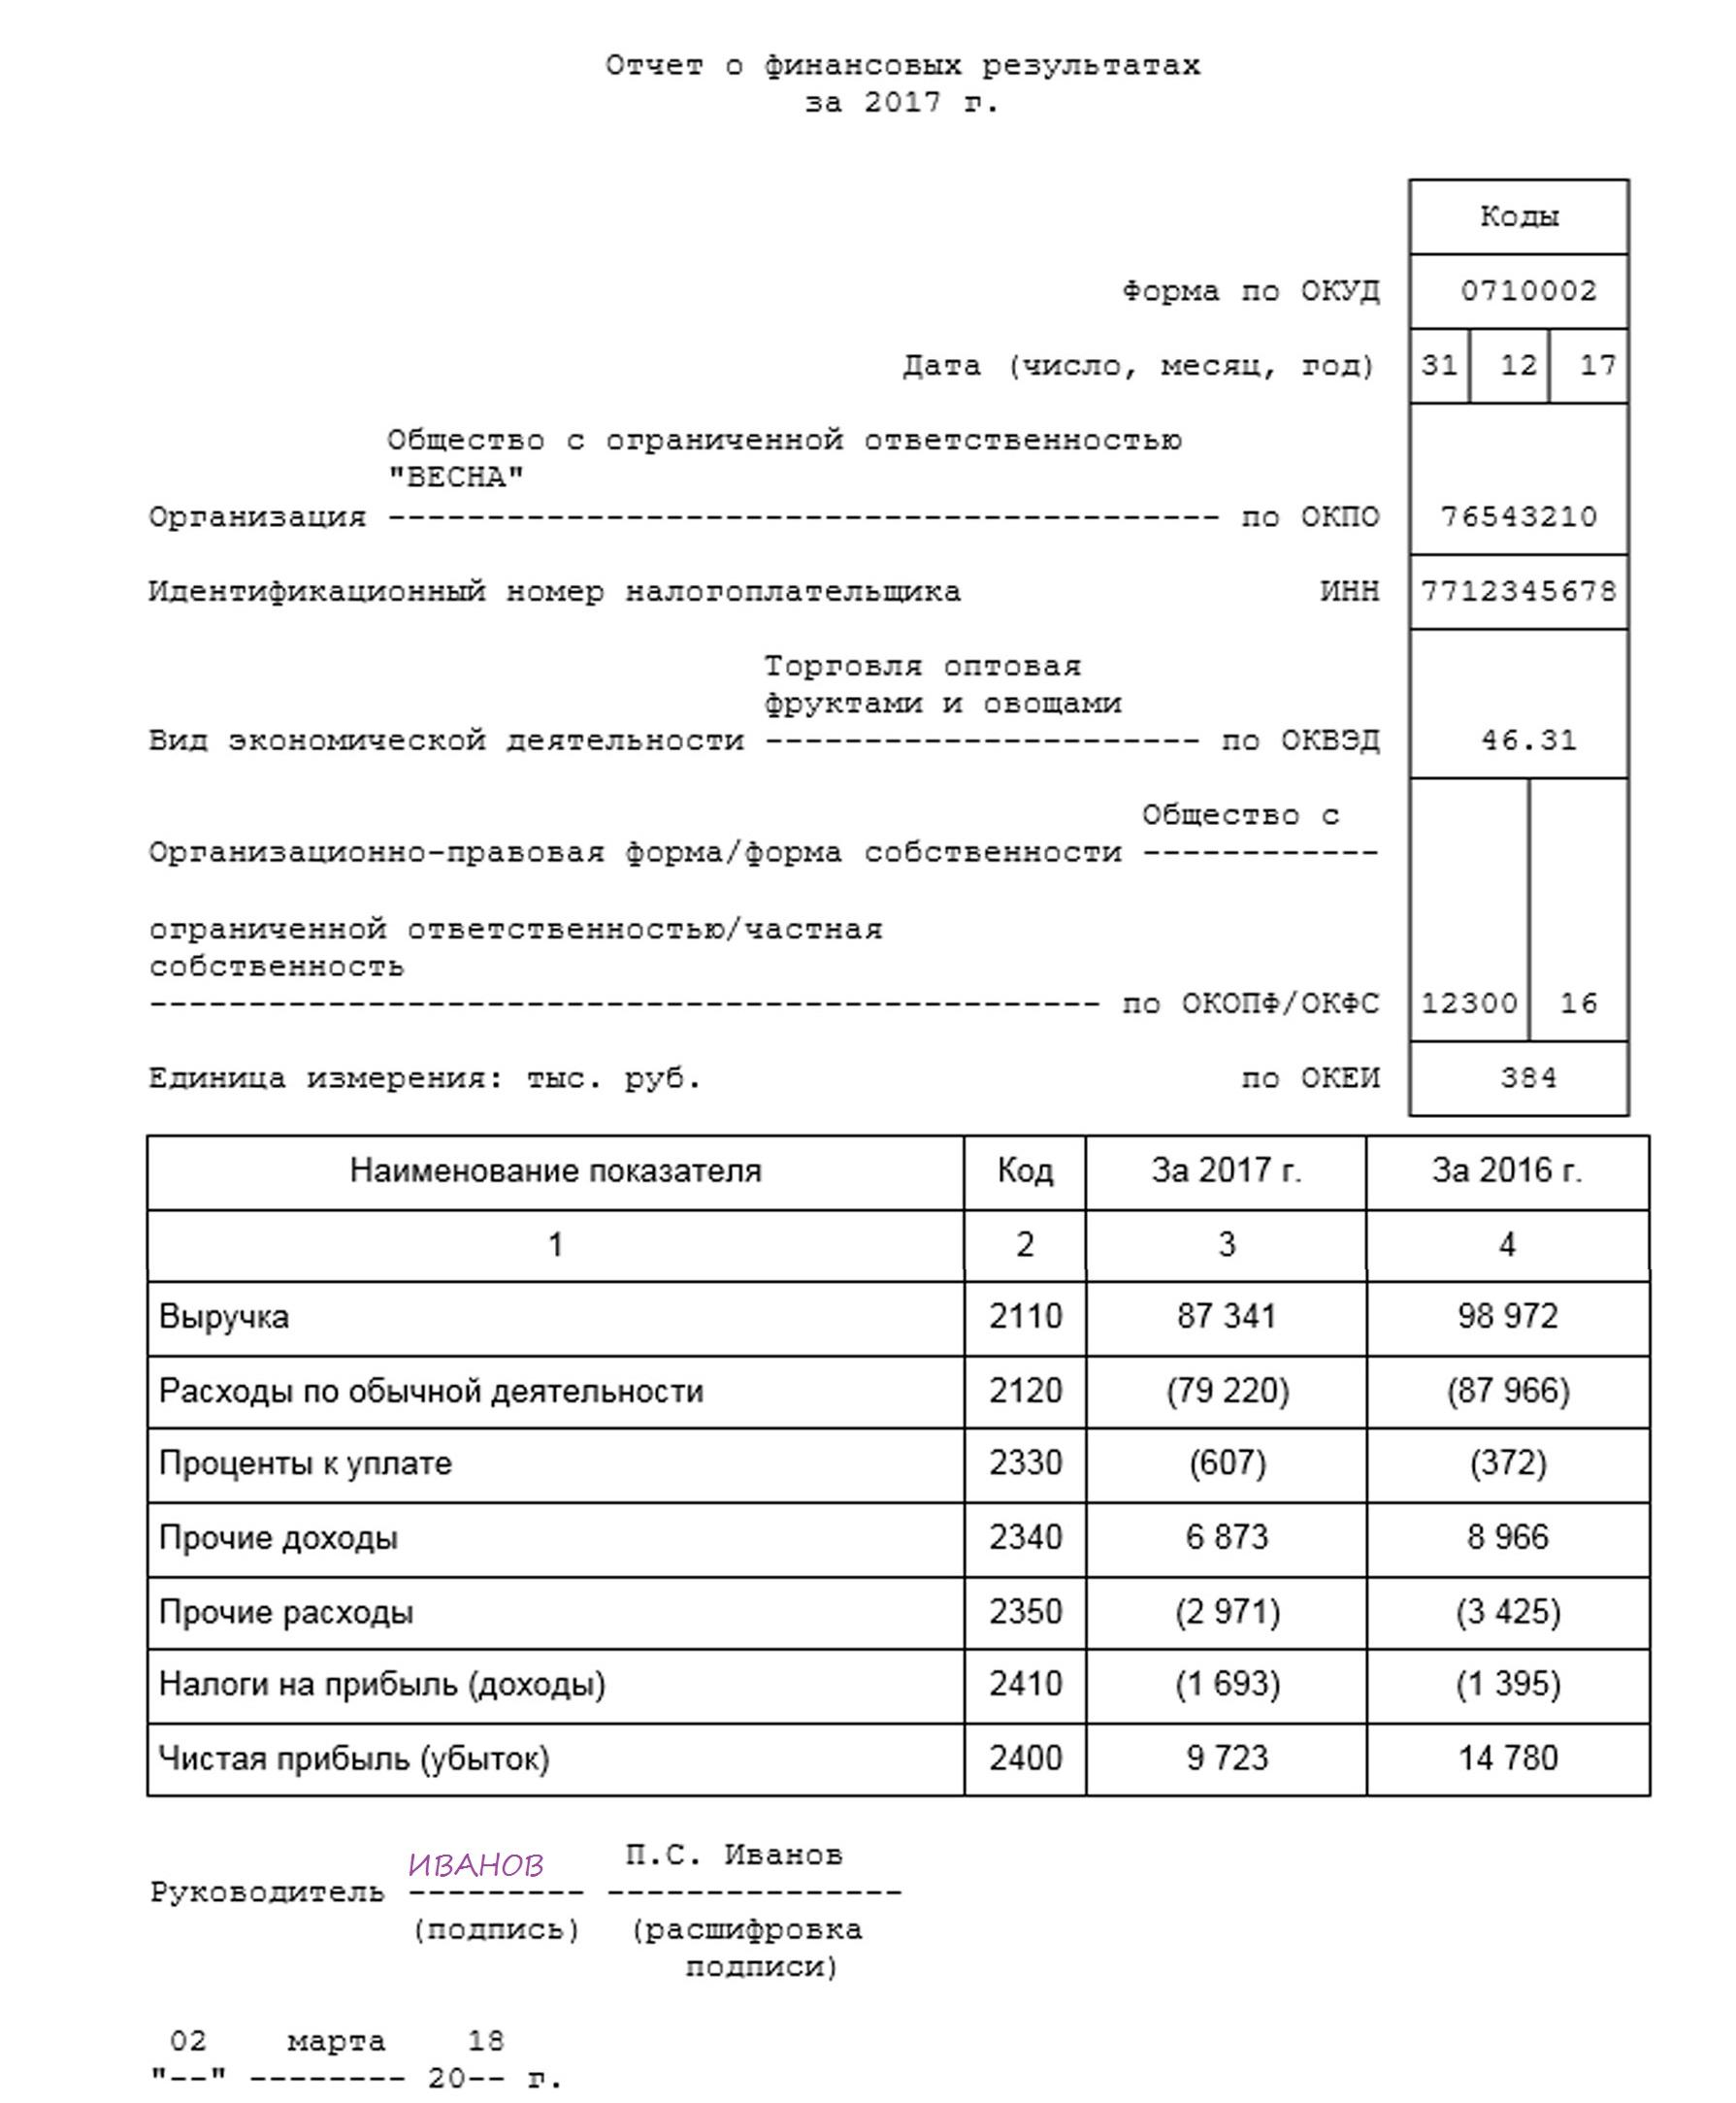 Бухгалтерская финансовая отчетность форма по кнд 0710099 бланк.